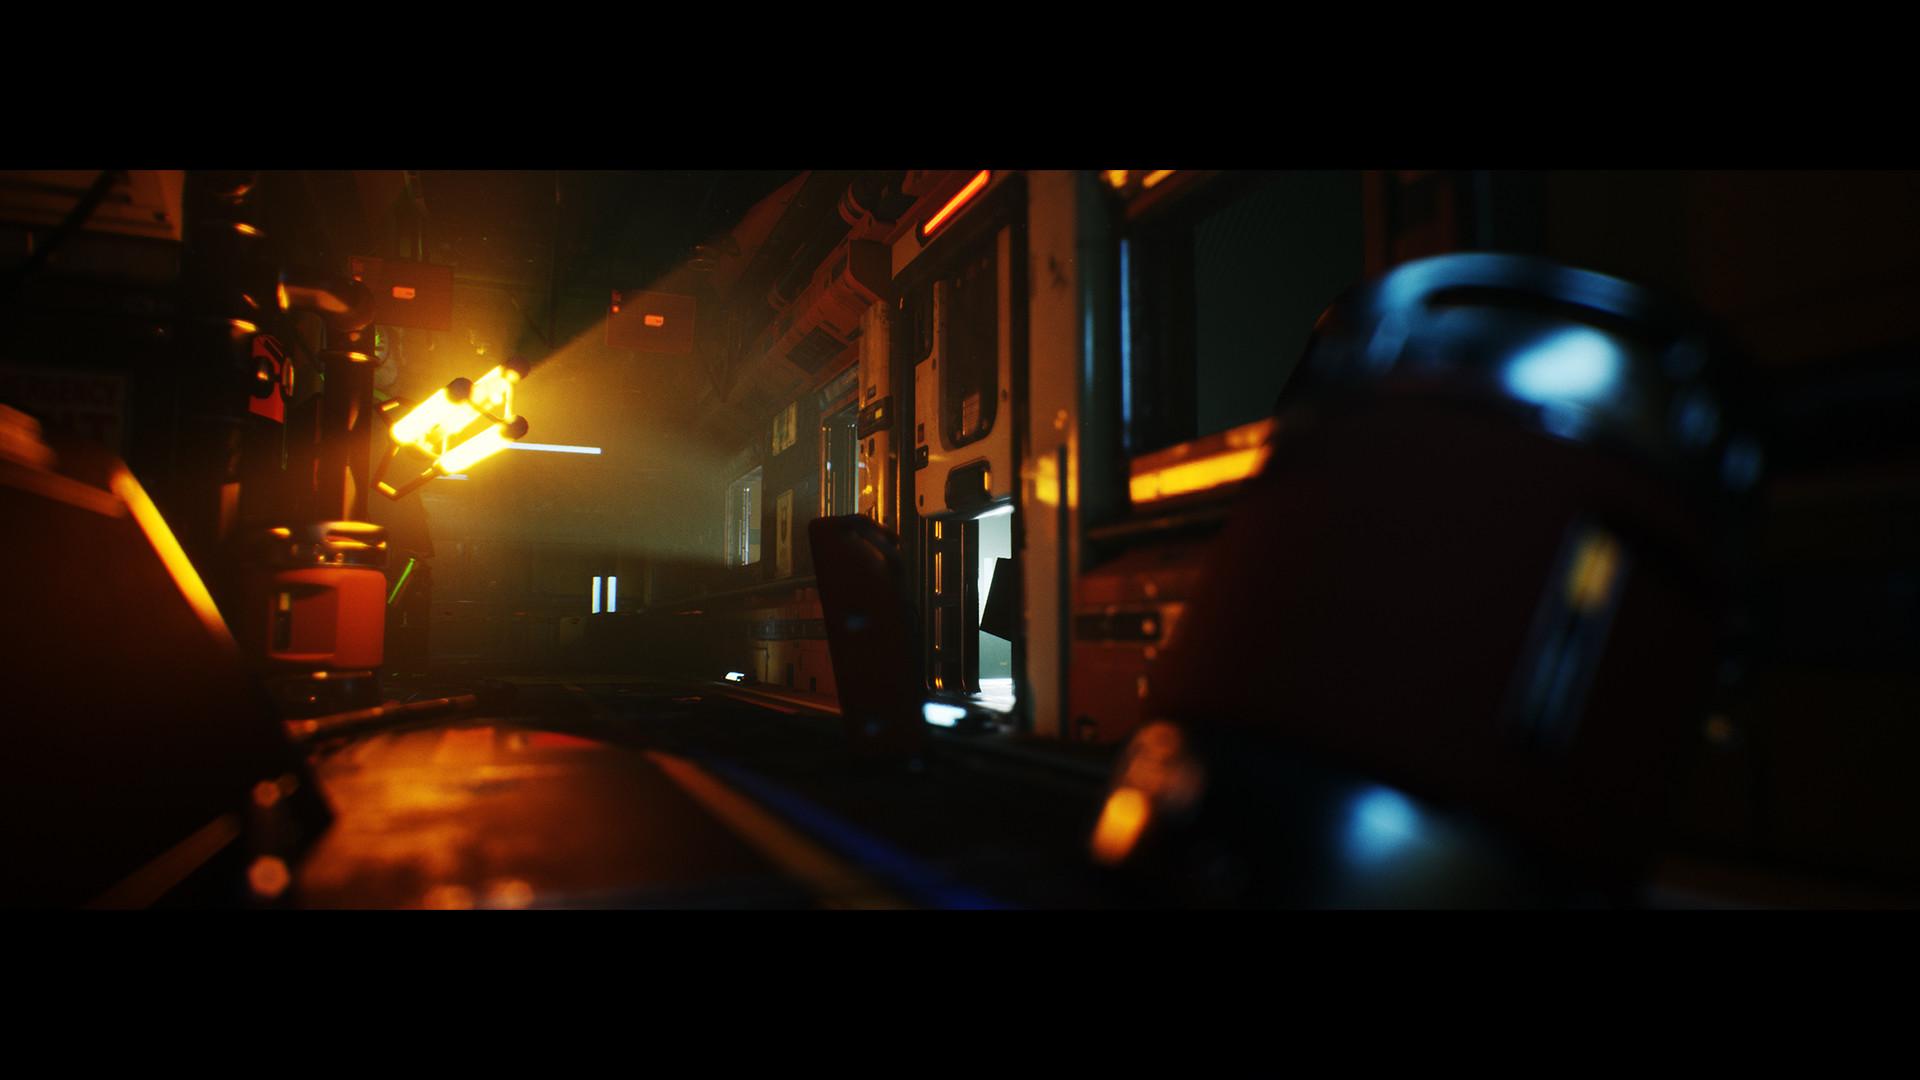 Kemal gunel shot 006